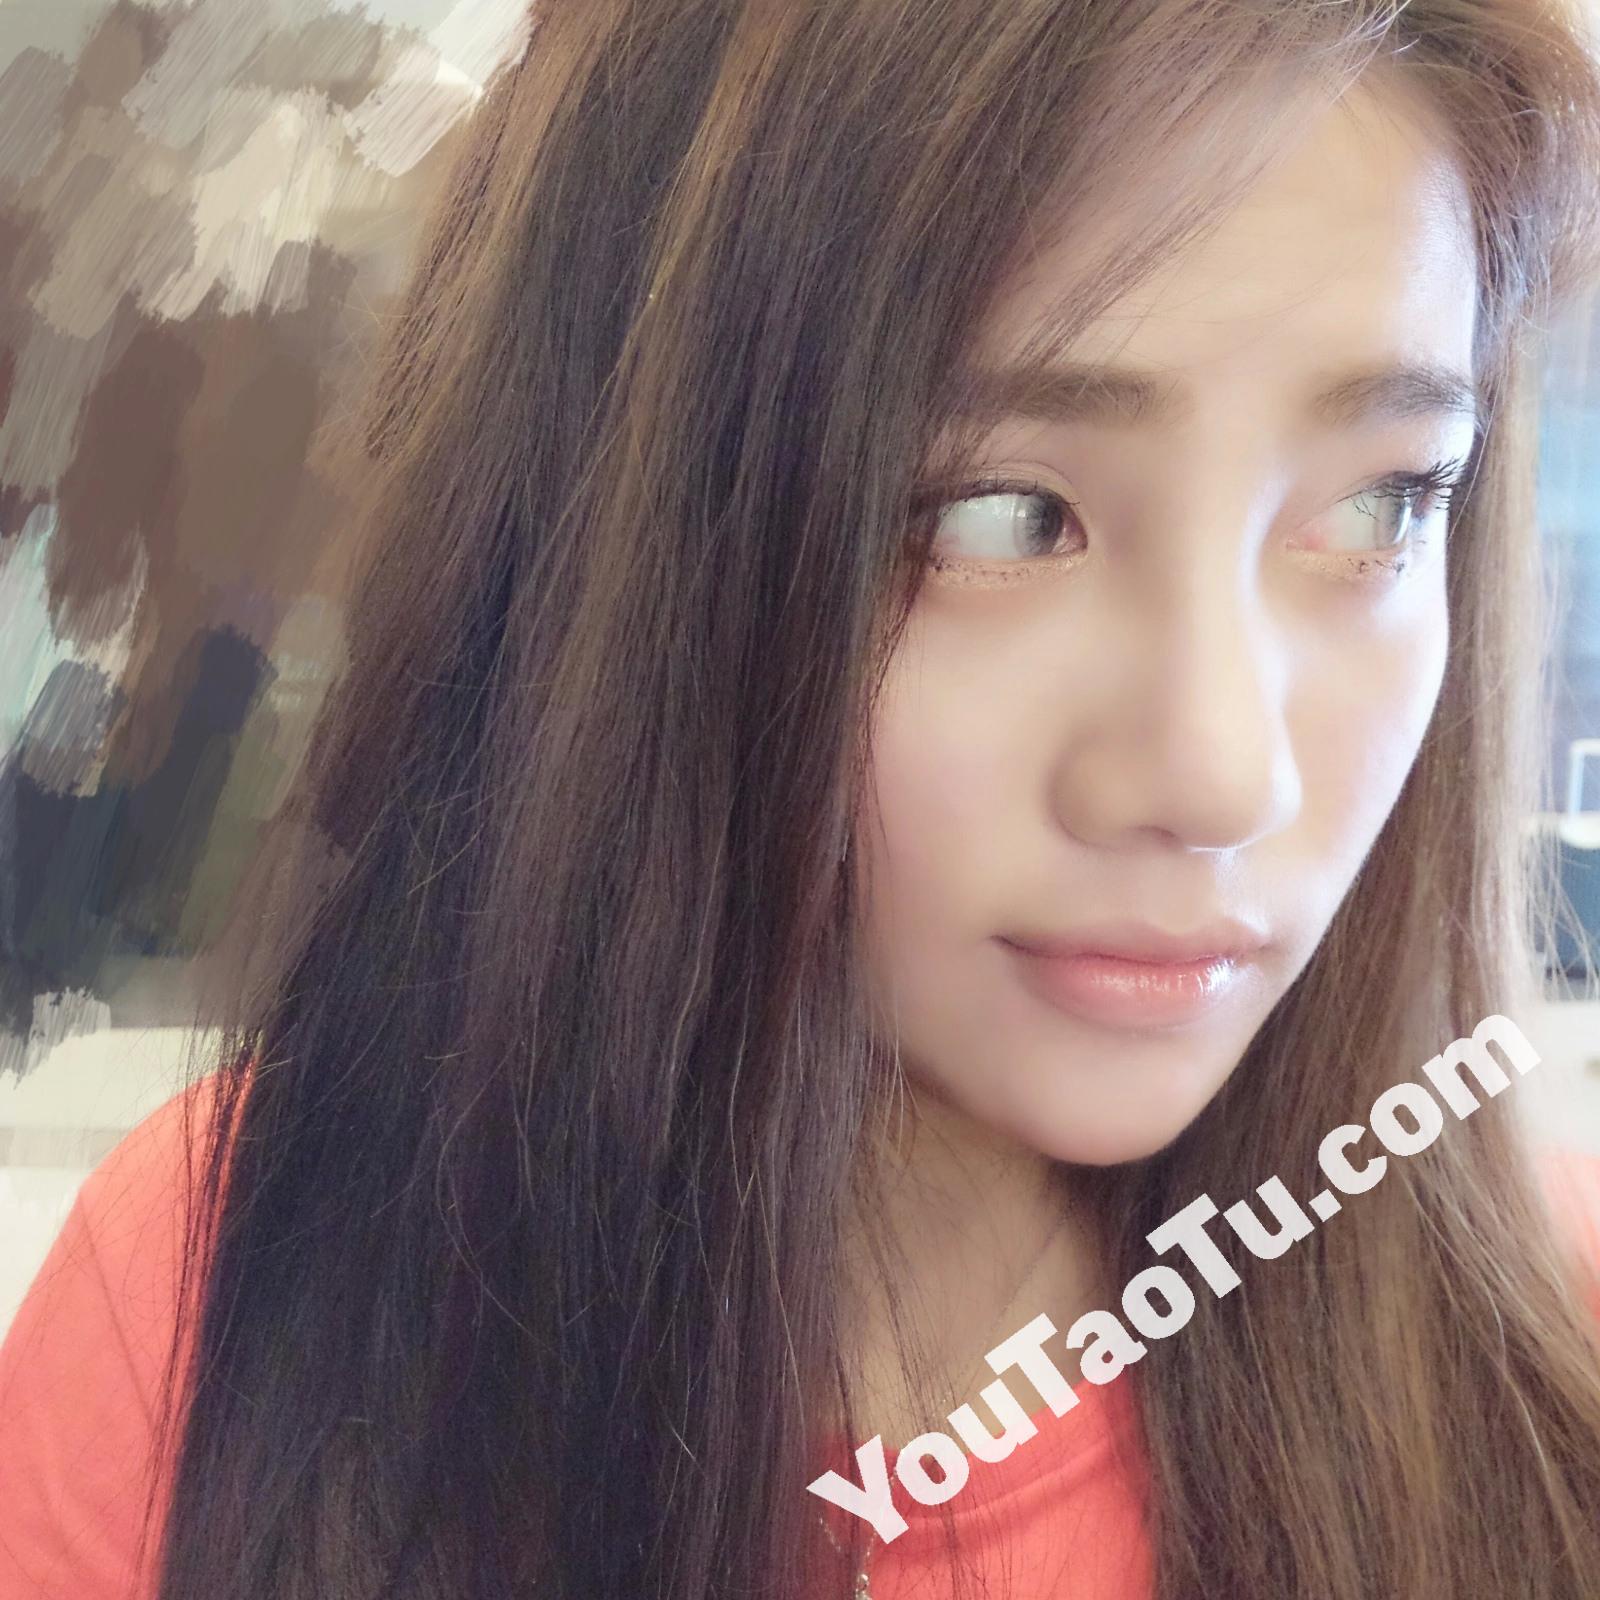 KK68_1464图+6个视频 青春可爱美女无水印高清生活照-15